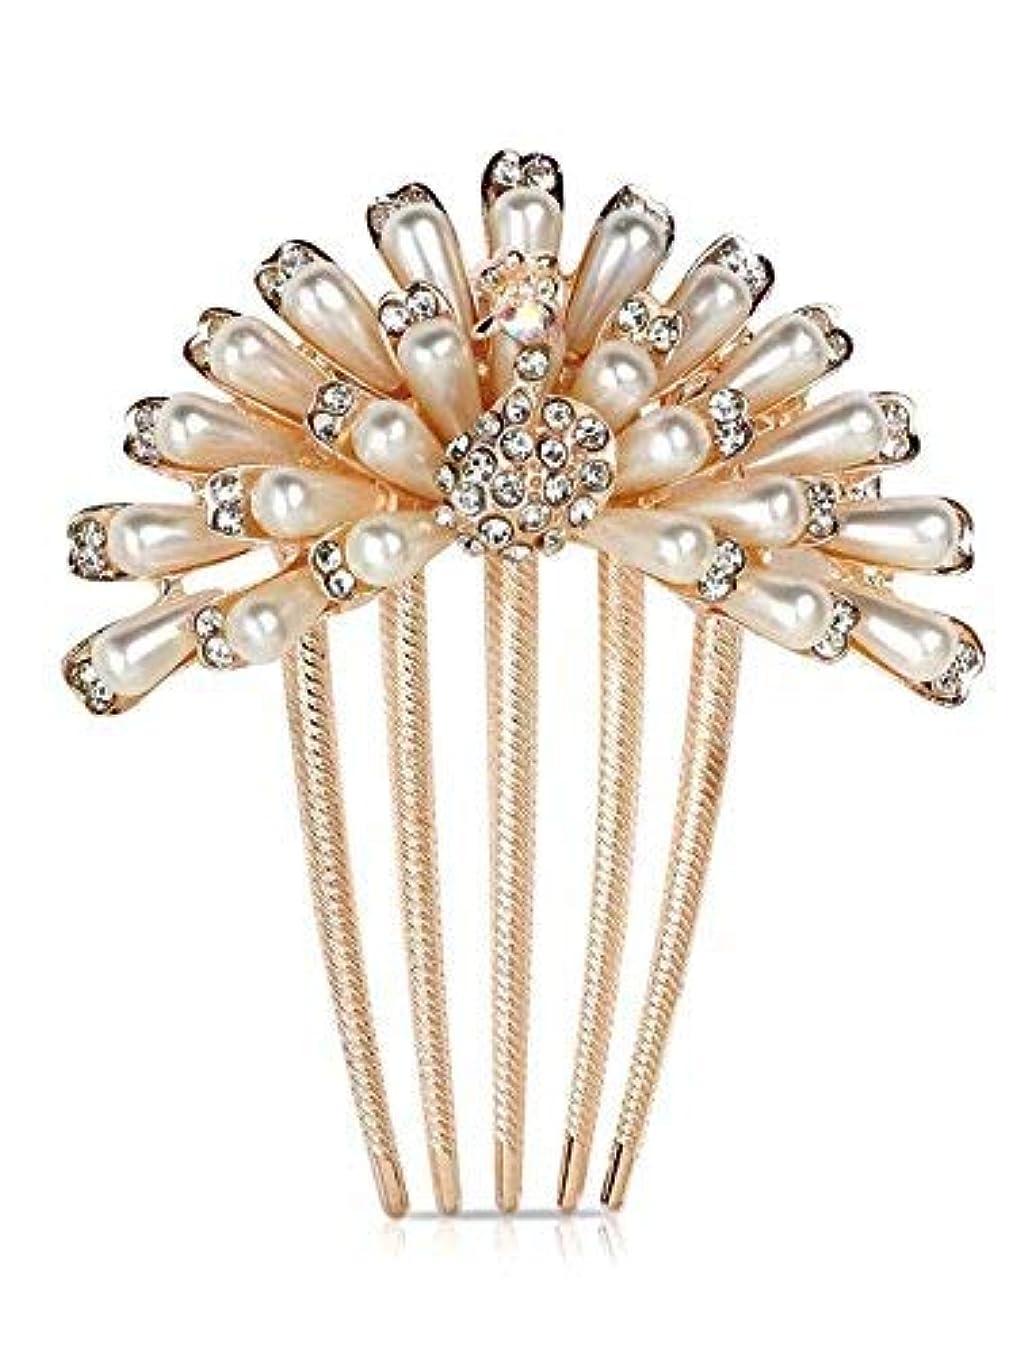 バレーボールウォルターカニンガム公然とAukmla Wedding Hair Combs Bridal Accessories for Women and Girls (Bowknot Style) (Vintage Peacock) [並行輸入品]